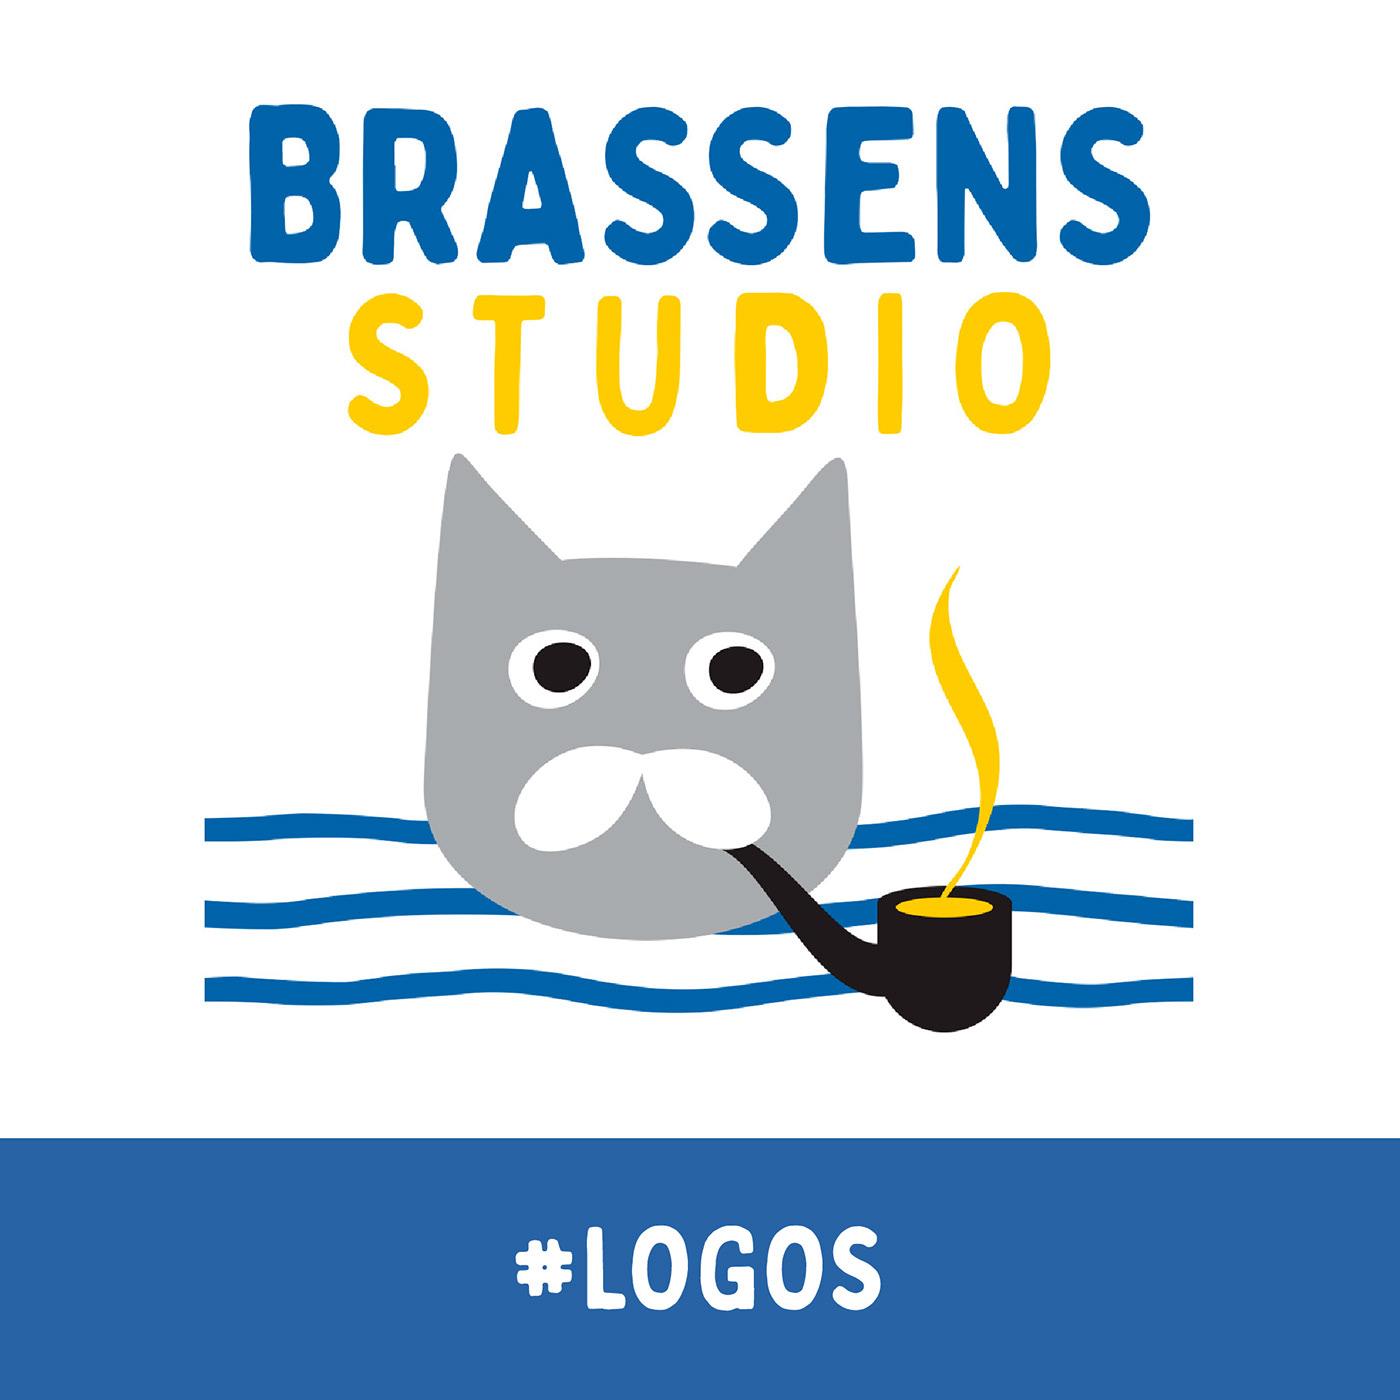 Marca personal. Aglutina las tres pasiones de Brassens: pipa, gato y bigote. Mediterráneo 100%